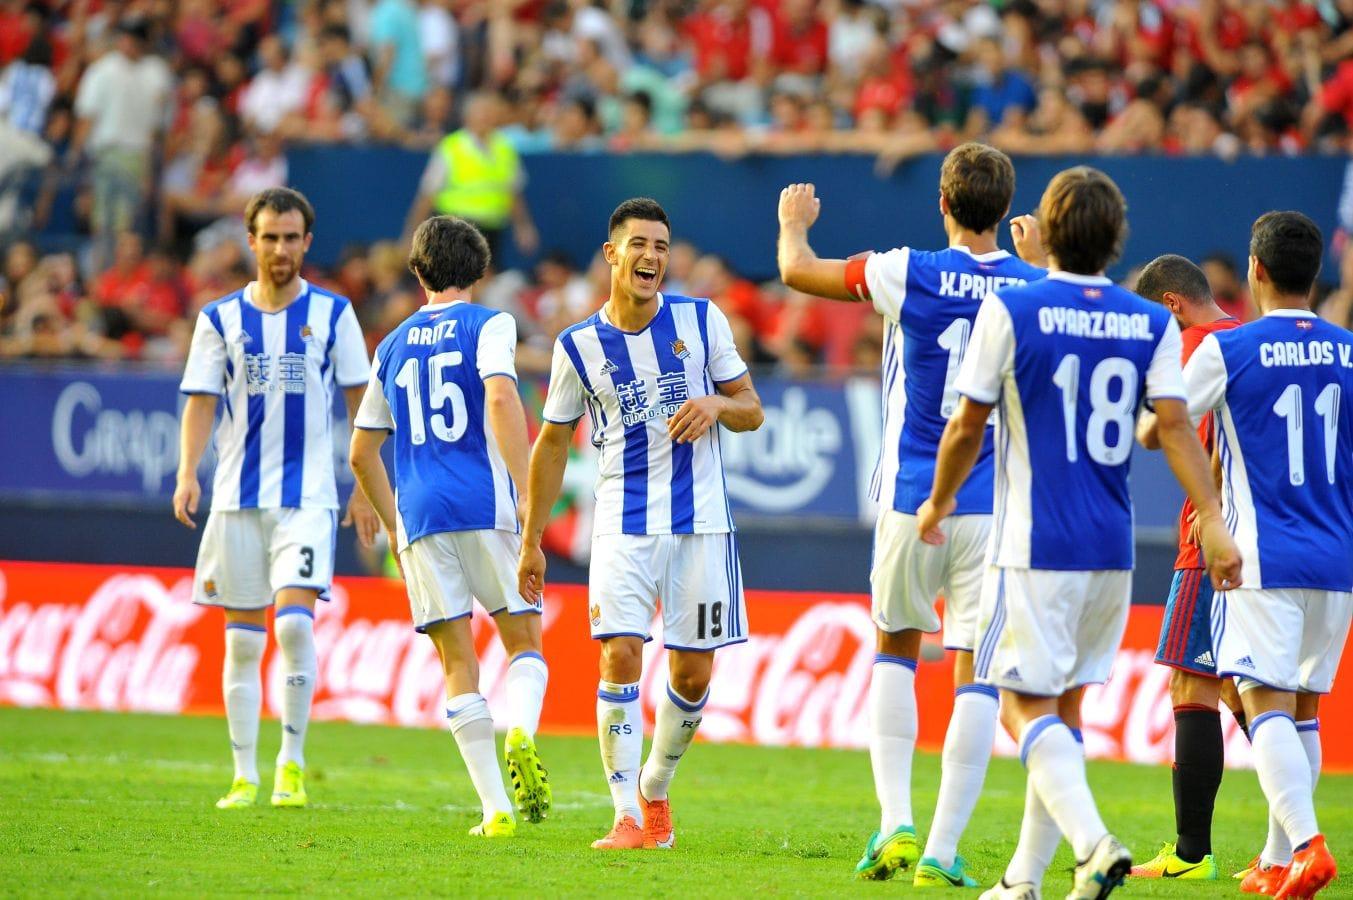 Real Sociedad vs Espanyol Betting Predictions